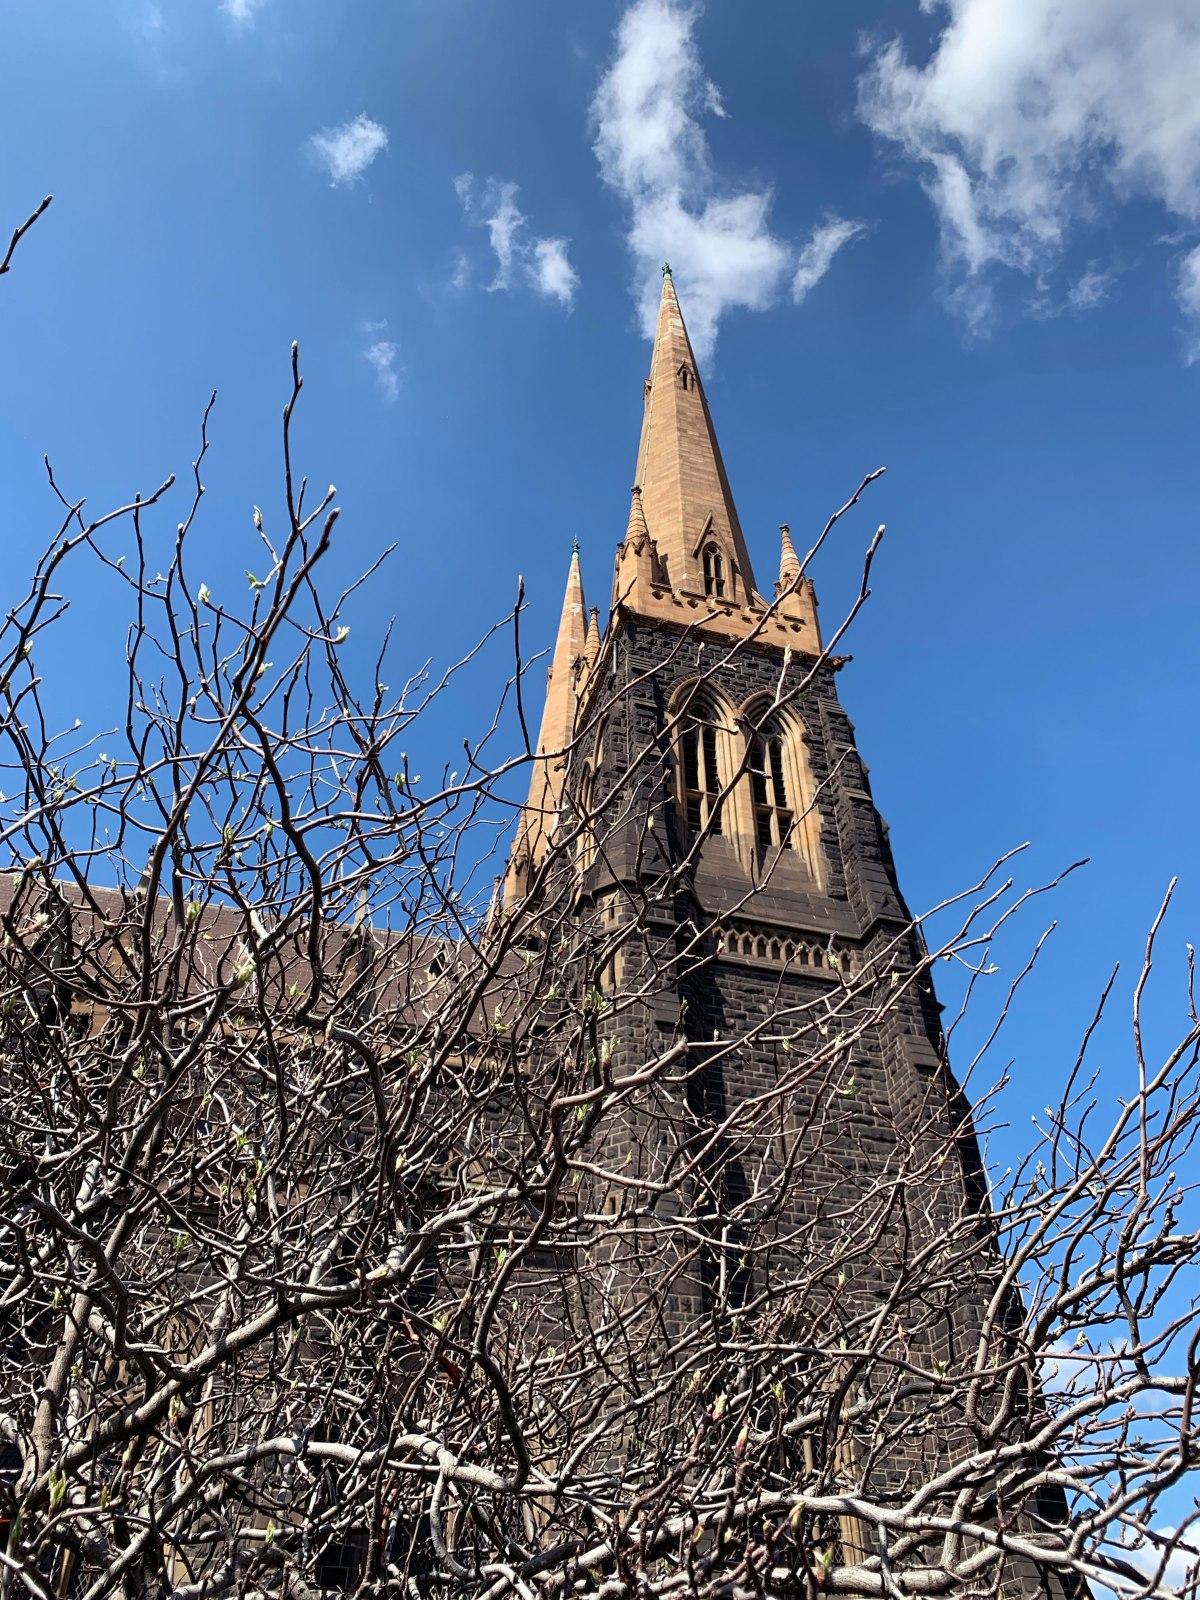 St. Michael's Church, Melbourne